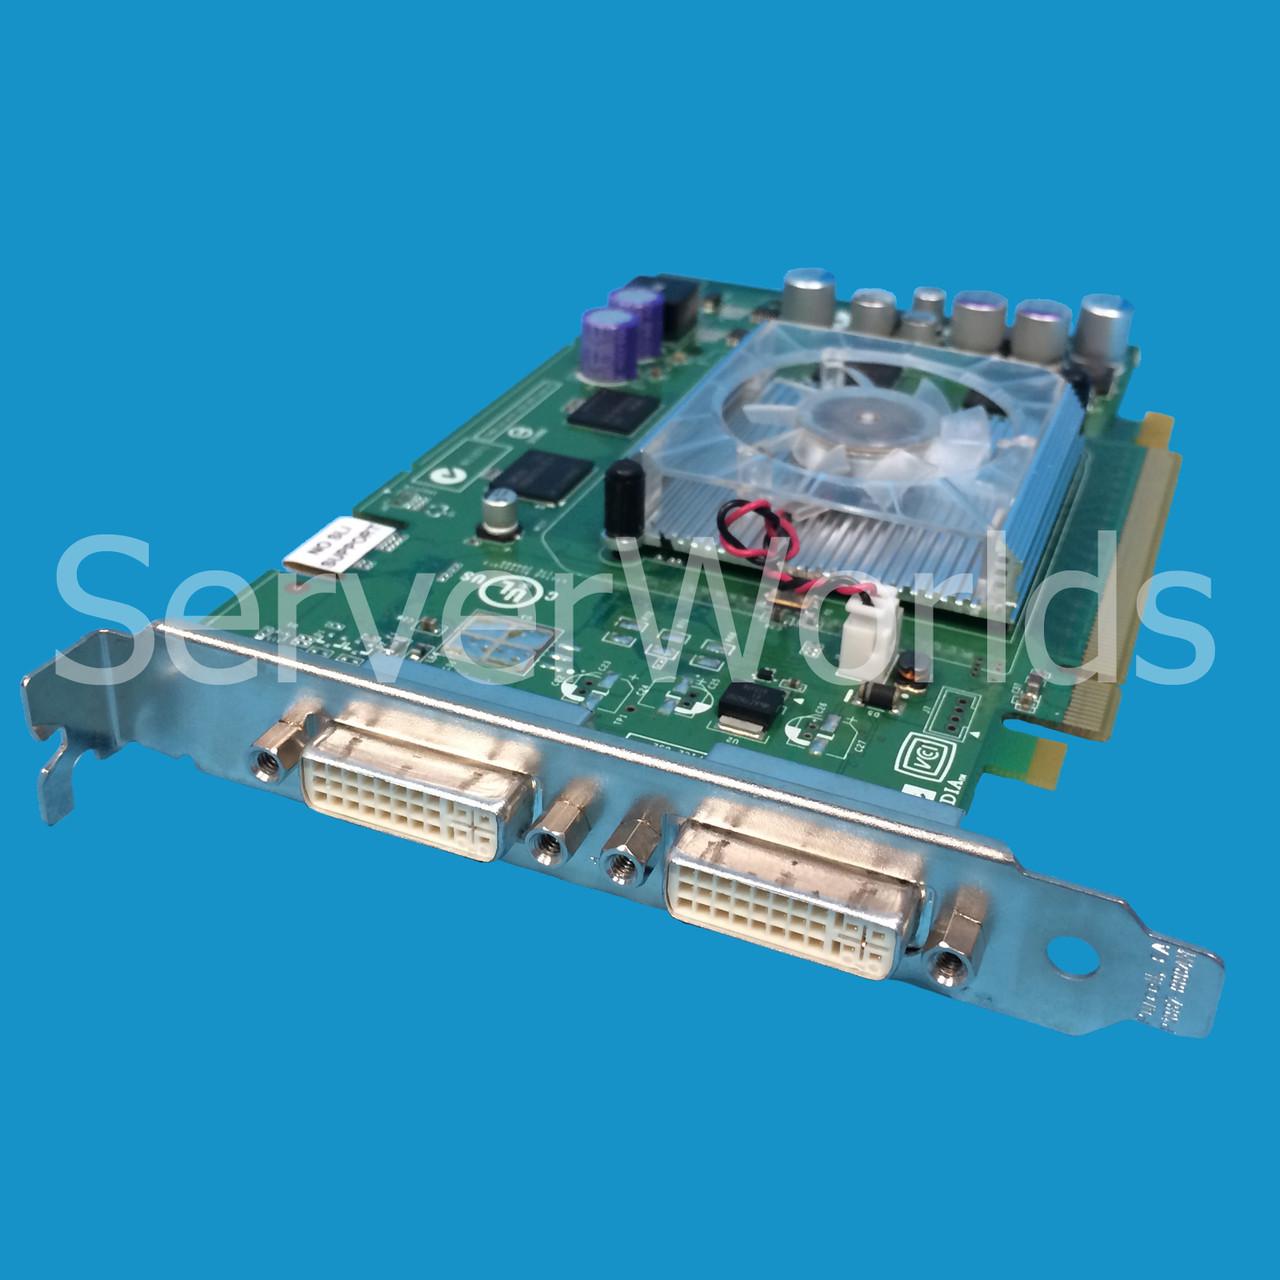 Dell Precision T3400 NVIDIA Quadro FX550 Graphics Treiber Windows 7